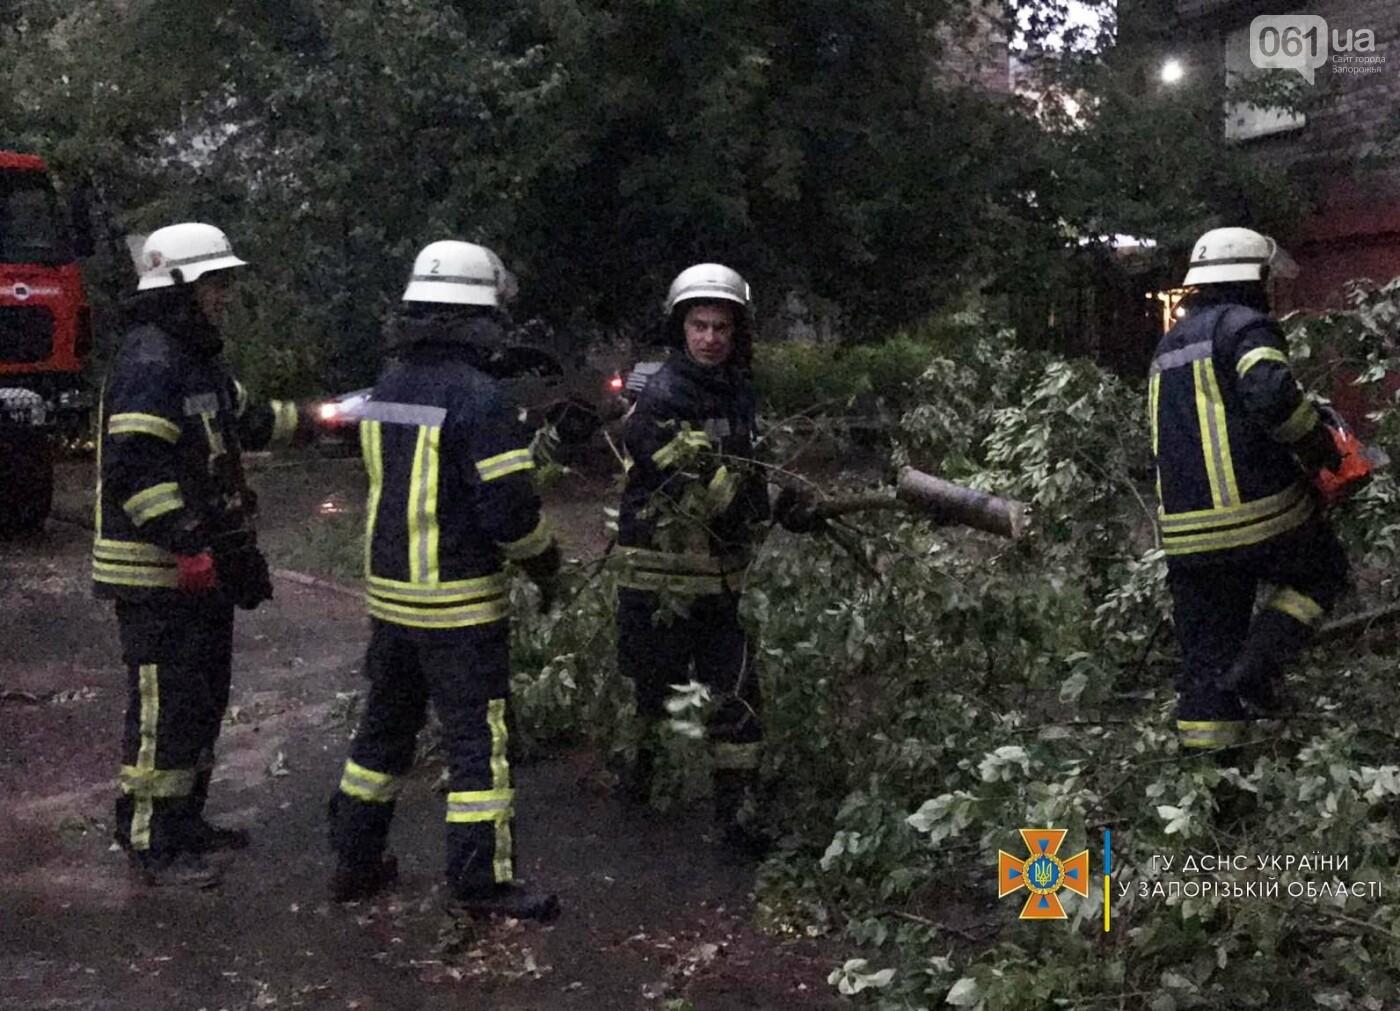 21530465316661020235878925897596901782127101nresult 60ed32525e937 - Непогода в Запорожской области: поваленные деревья и подтопленный дом